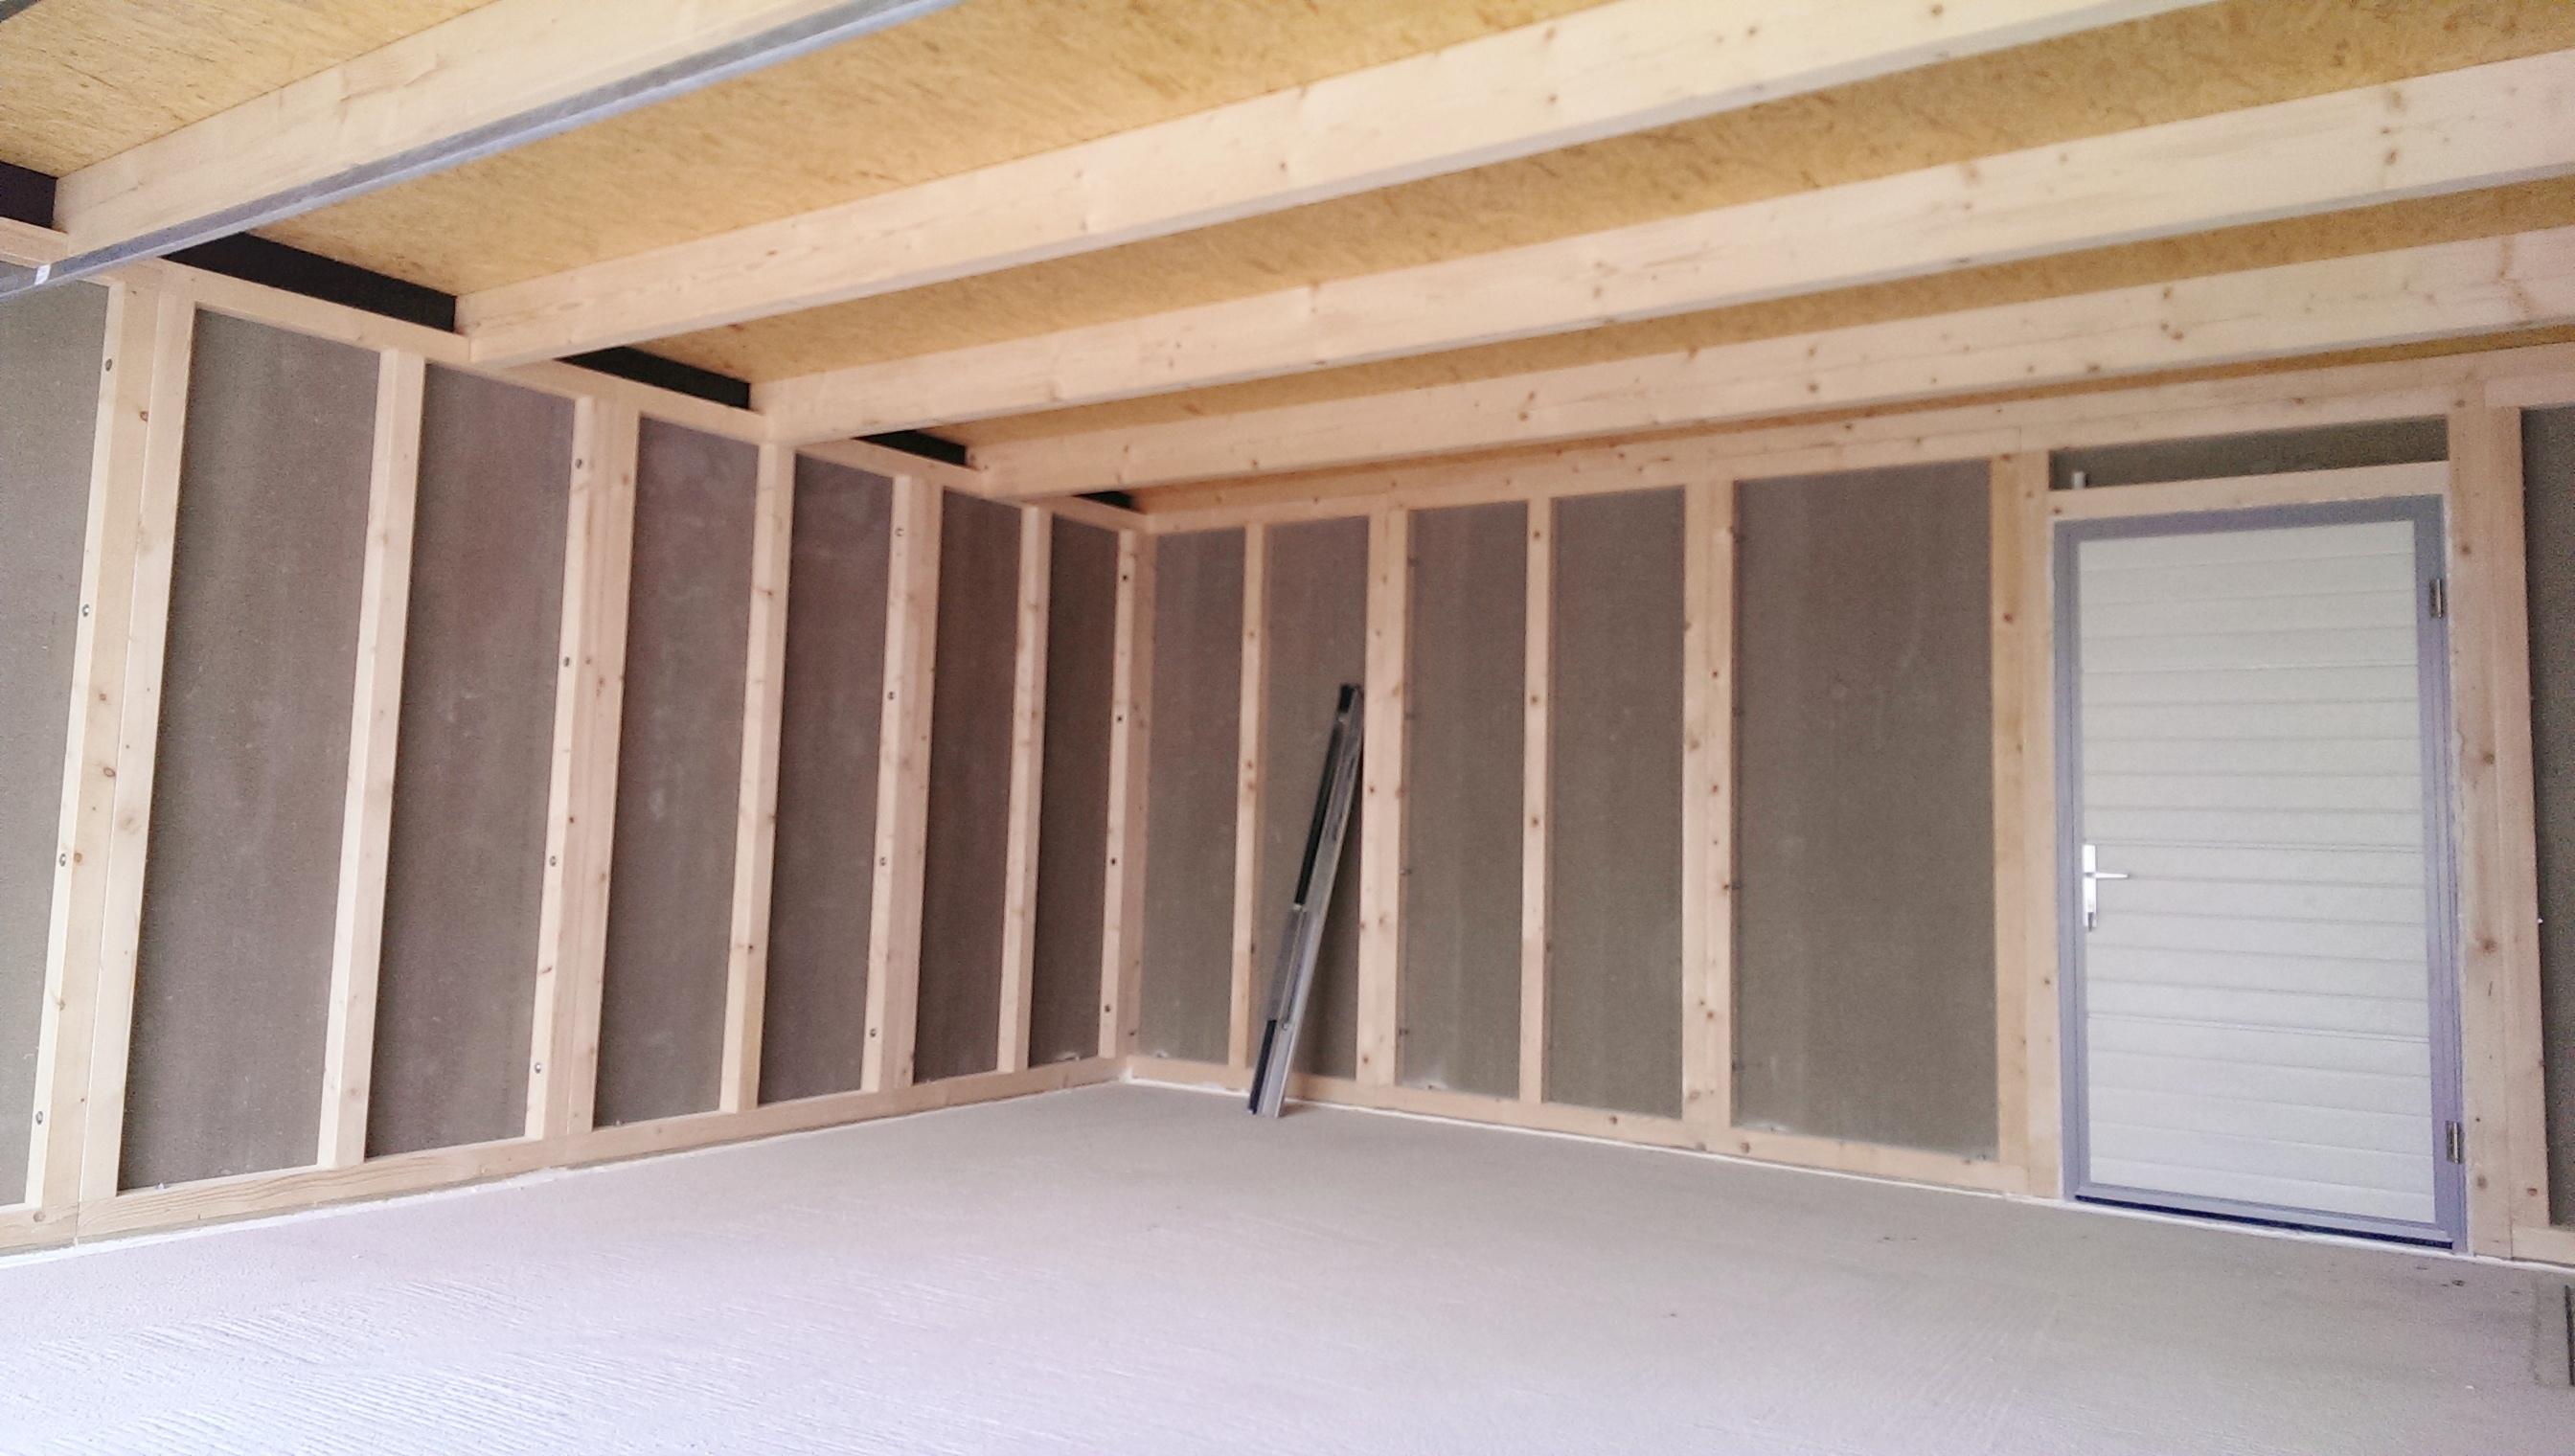 Fertiggarage holzständer  Holzständerbauweise bei Garagen | Fink Garage